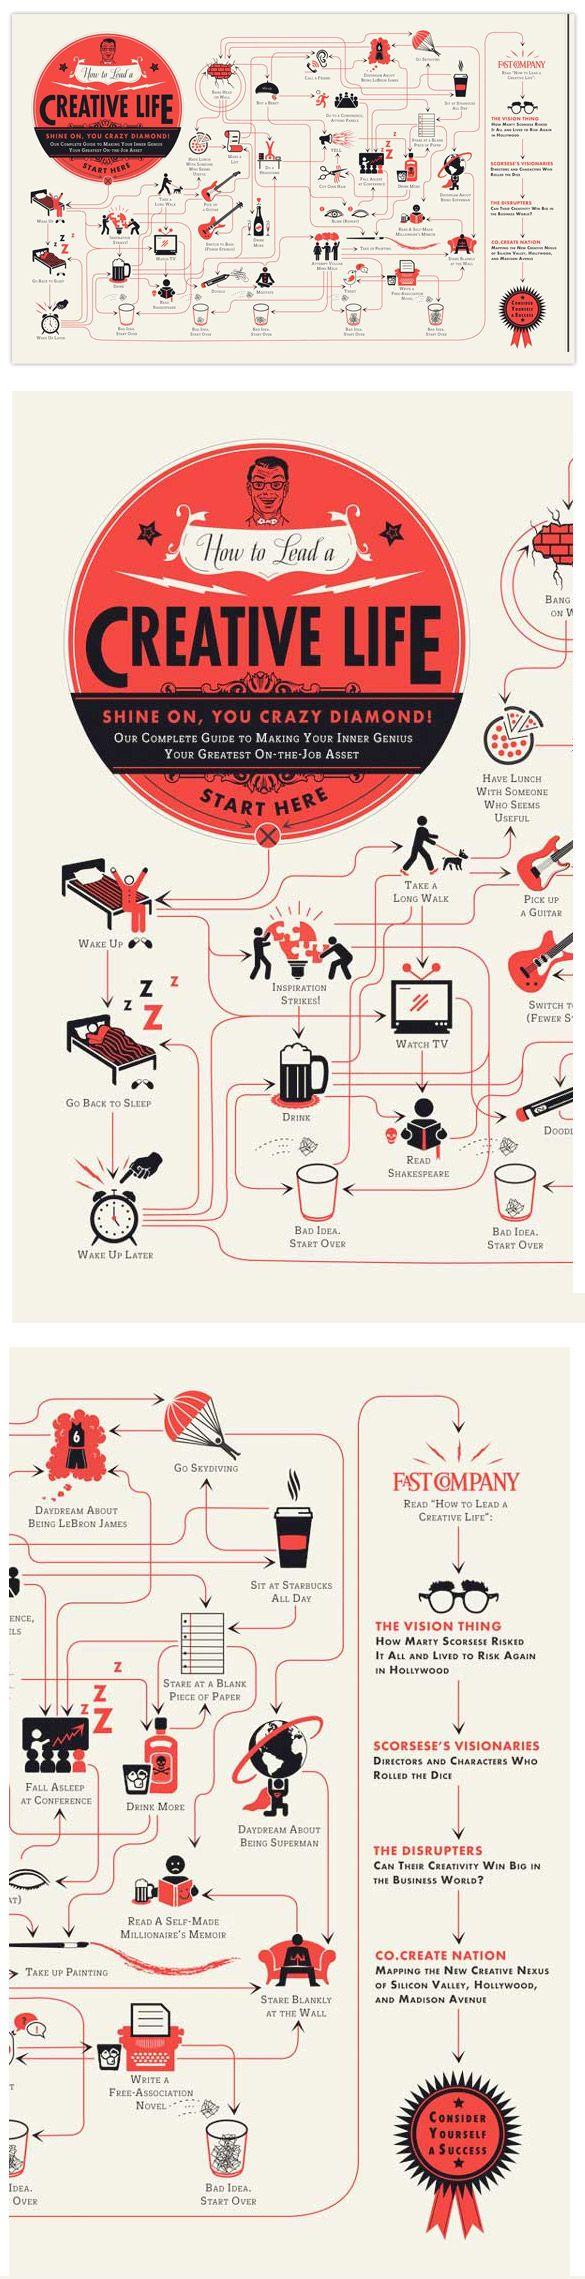 Comment mener une vie créative ? Bon, je vous rassure tout de suite, devant cette infographie, vous allez retrouver les grands classiques de l'inspiration